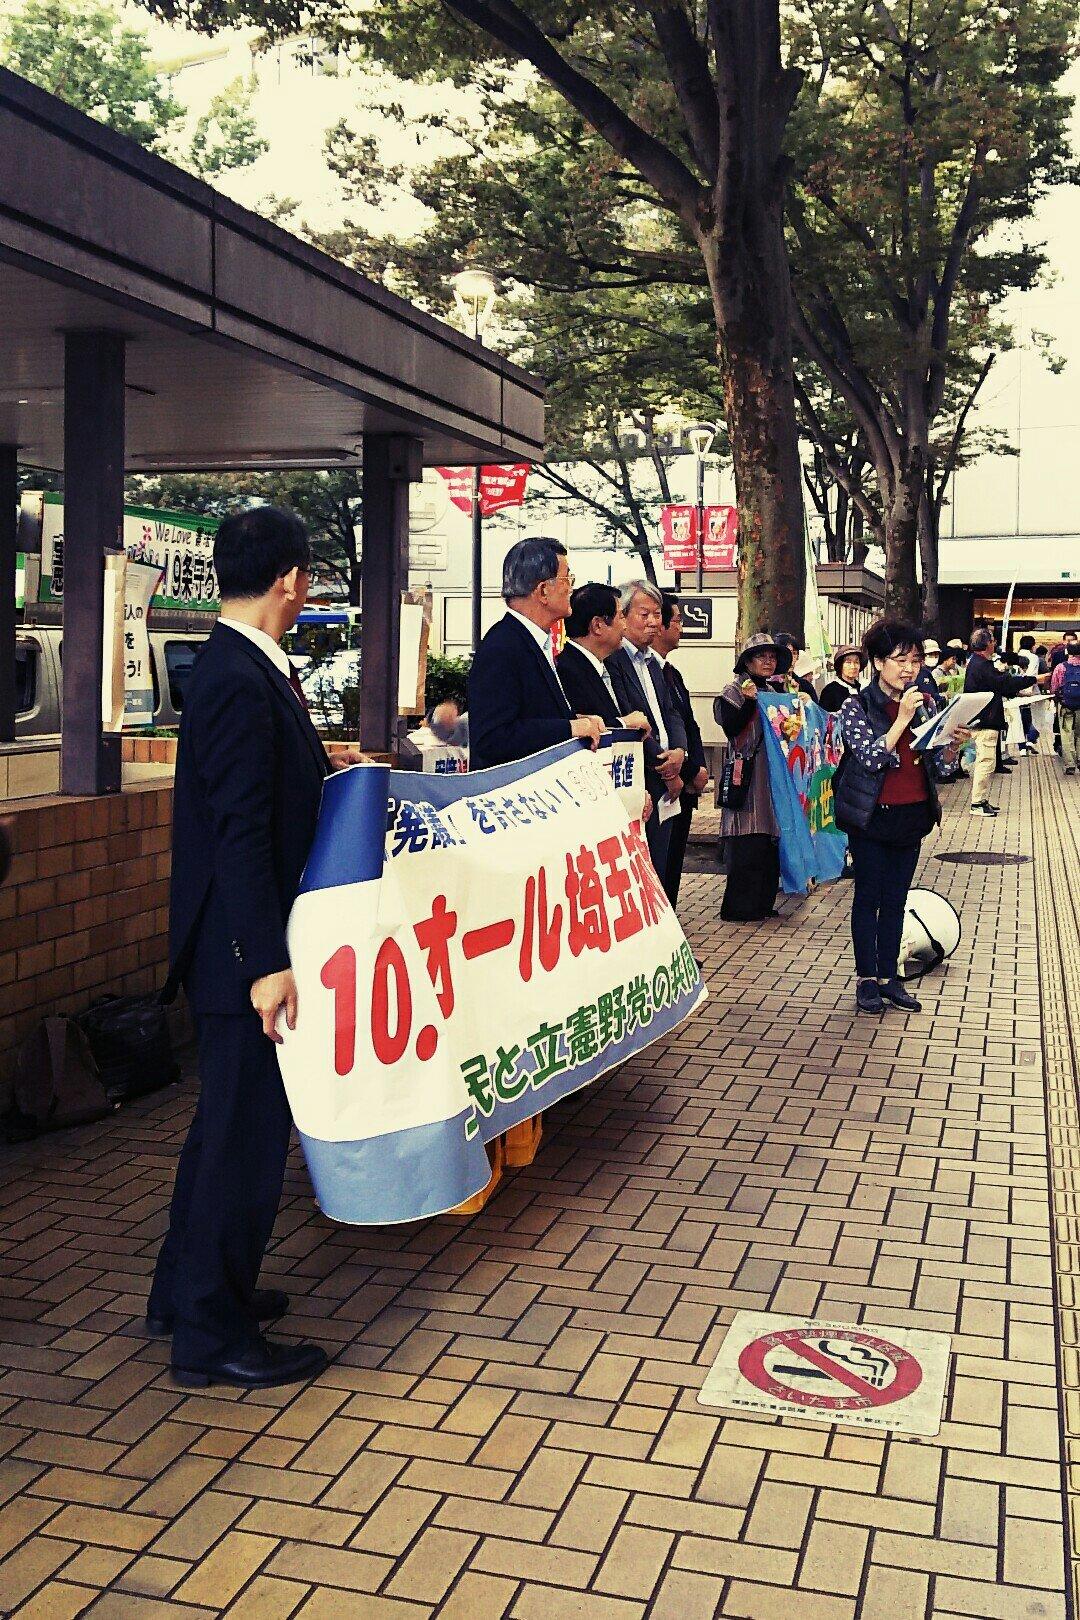 オール埼玉総行動実行委員会のリレー宣伝 (浦和駅)